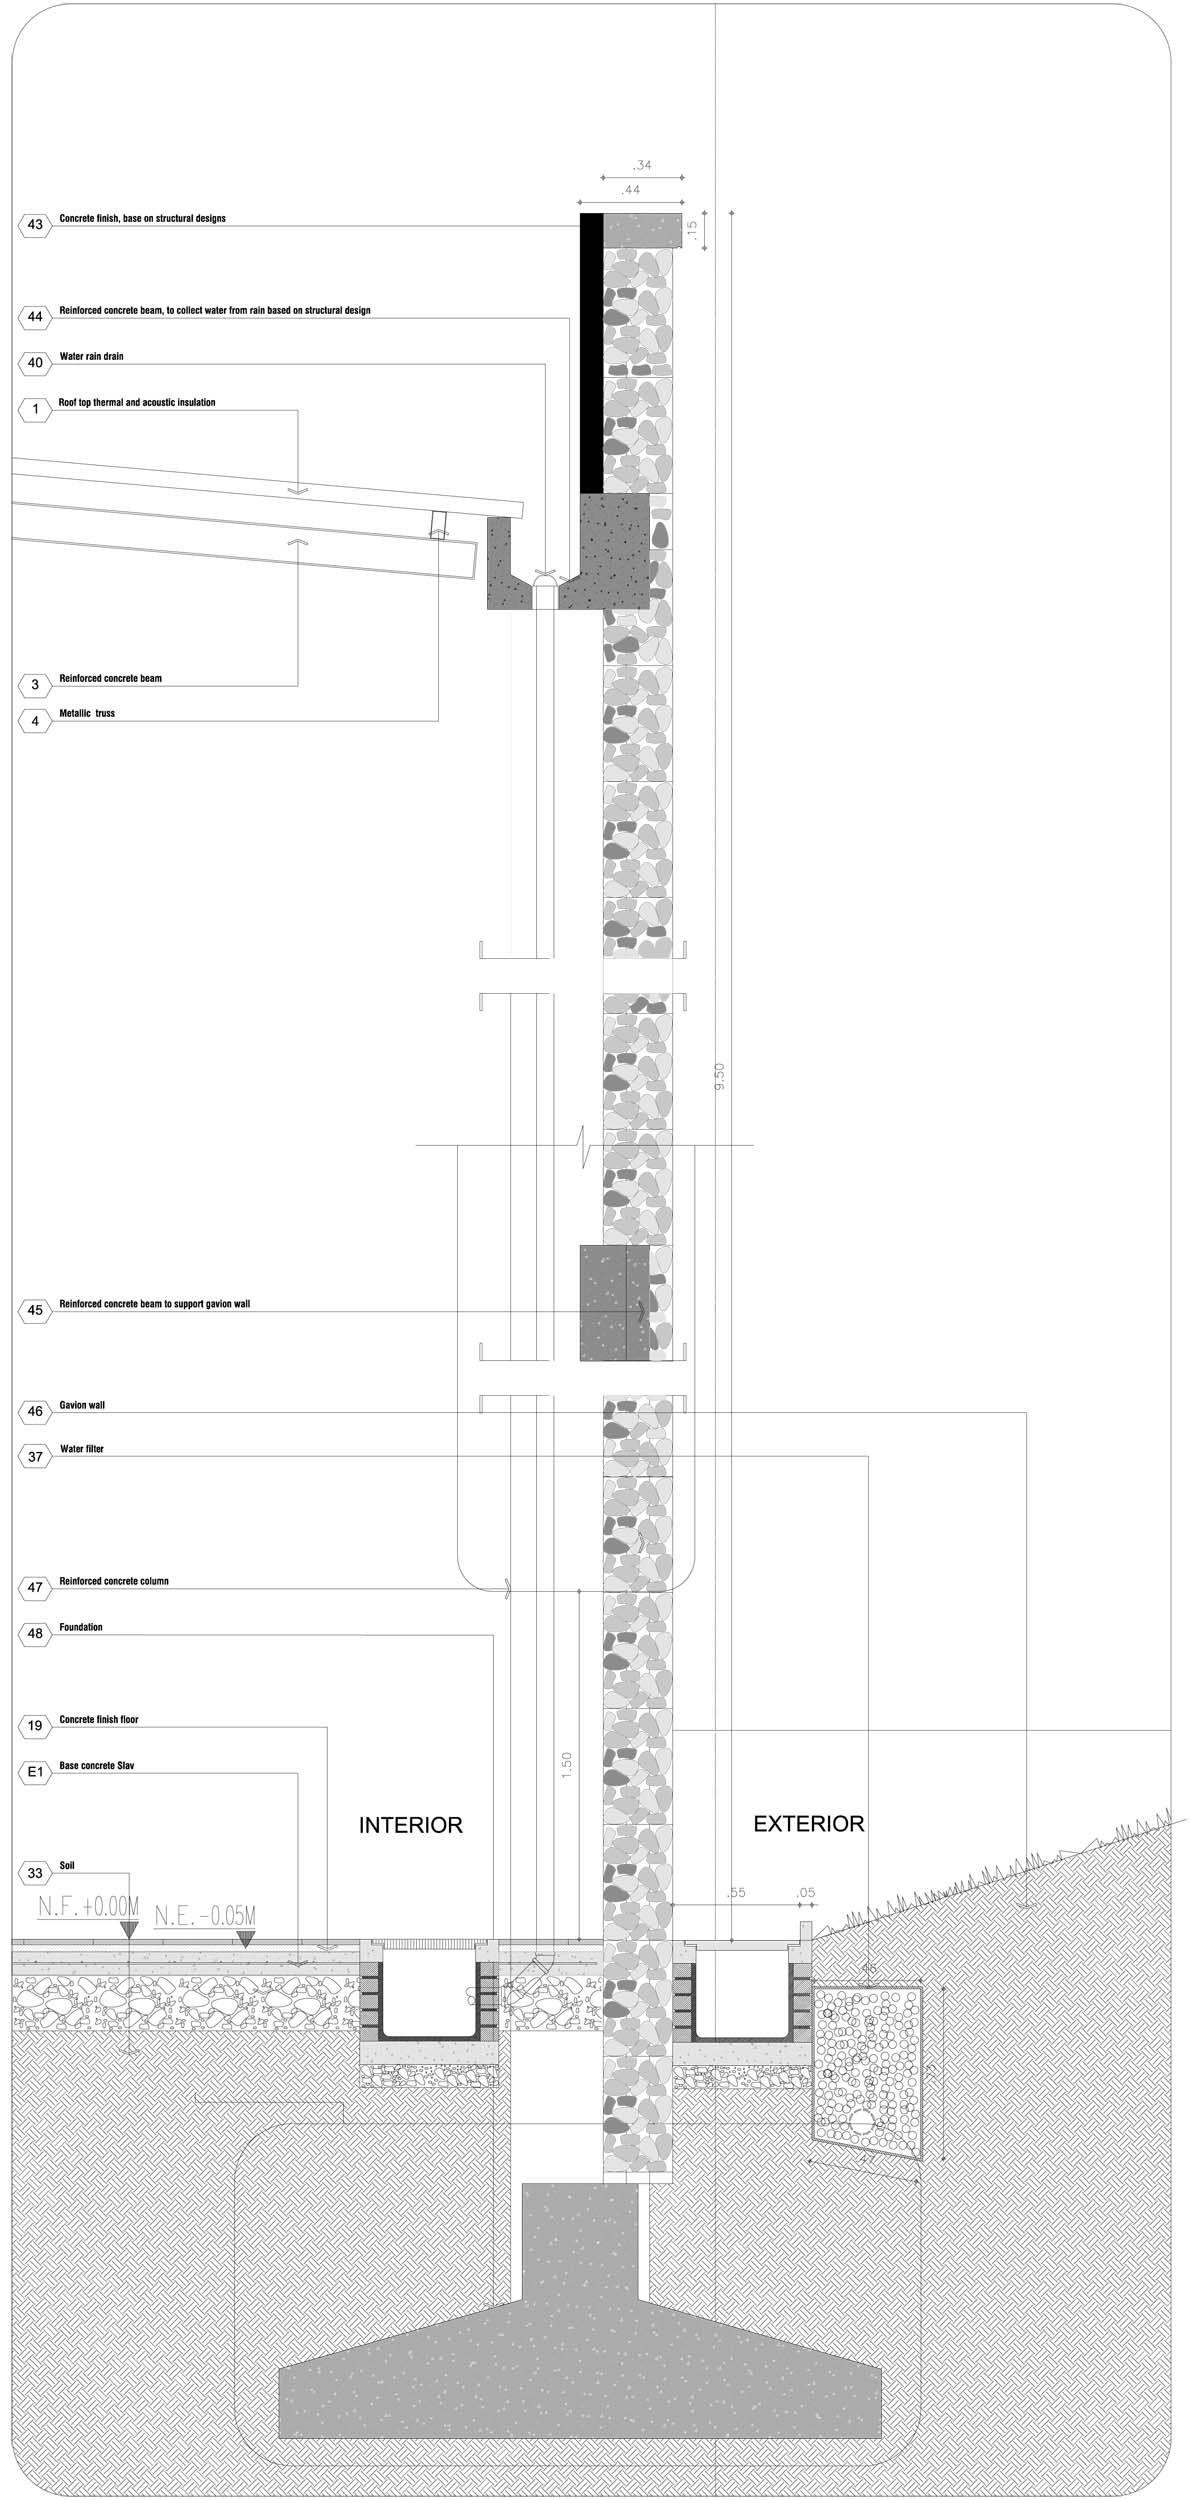 Gabion Wall Design Drawings : Villanueva s public library meza pi?ol ram?rez